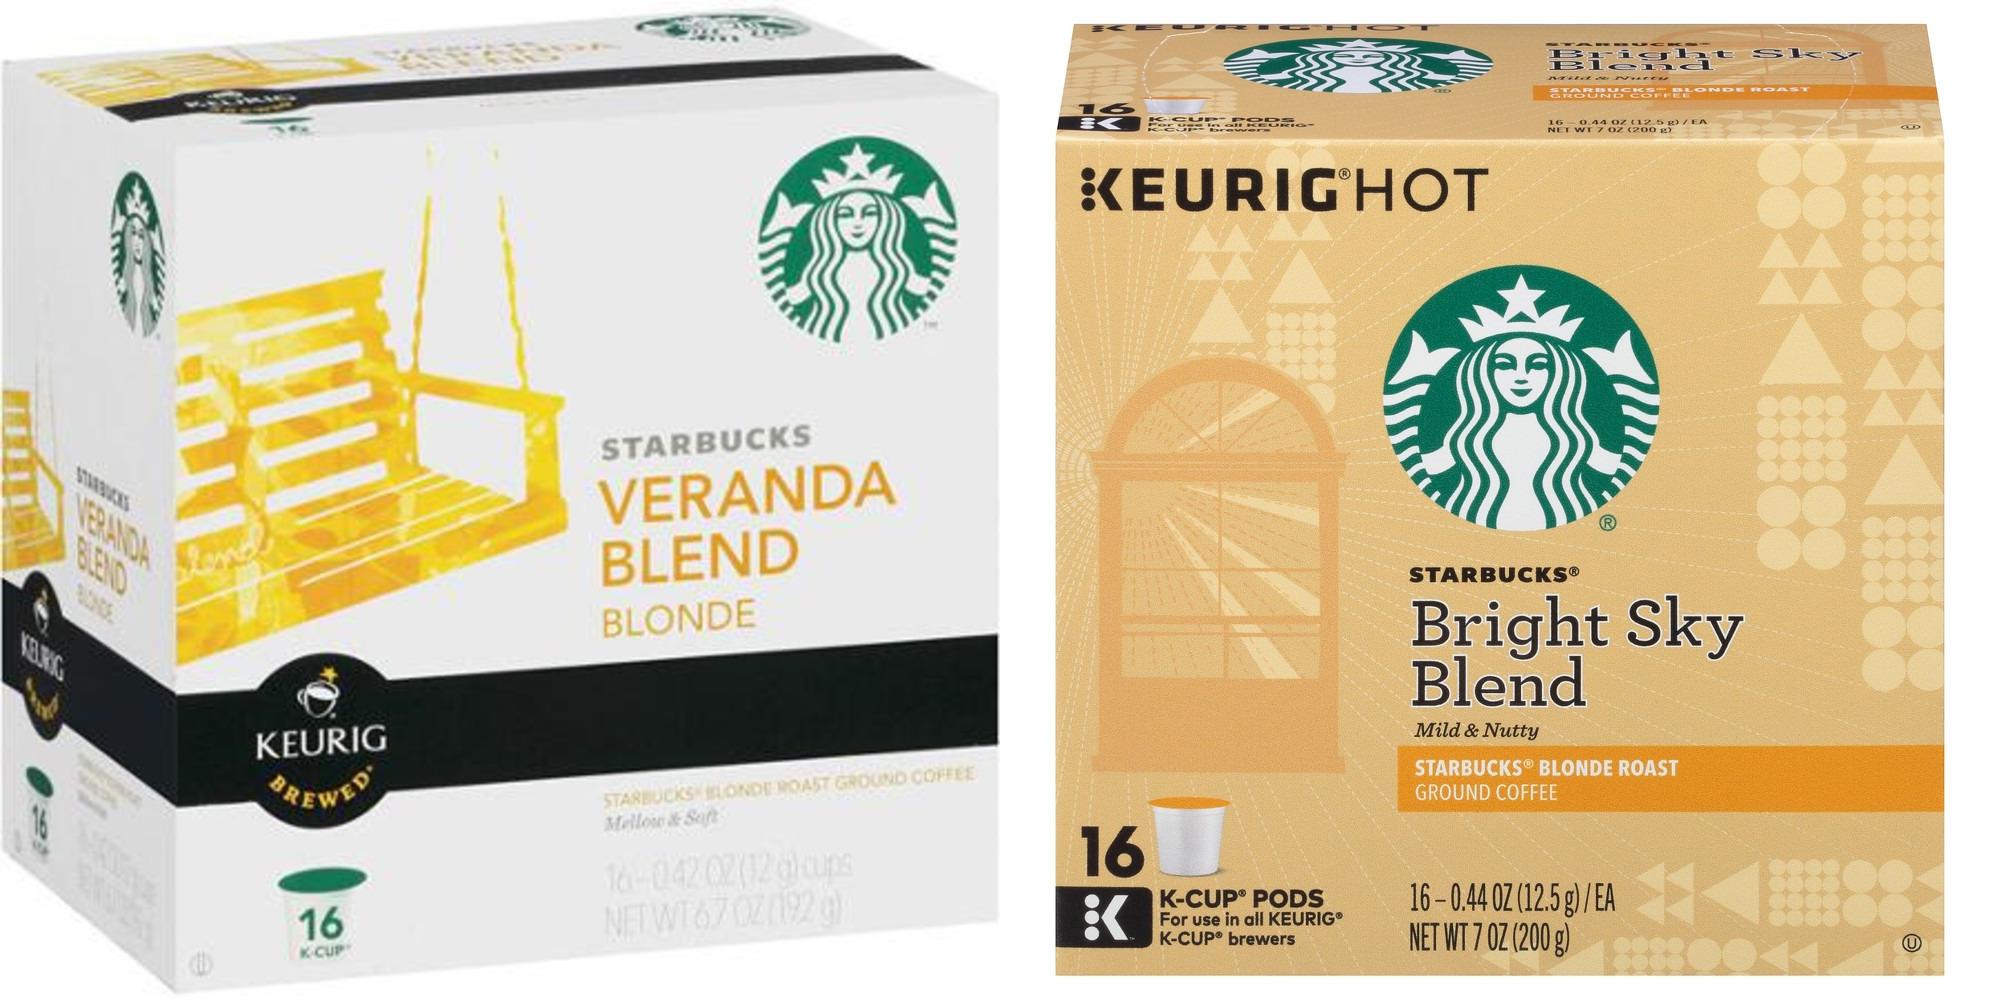 Target: Starbucks (16 ct) K-Cups starting at $5.49!